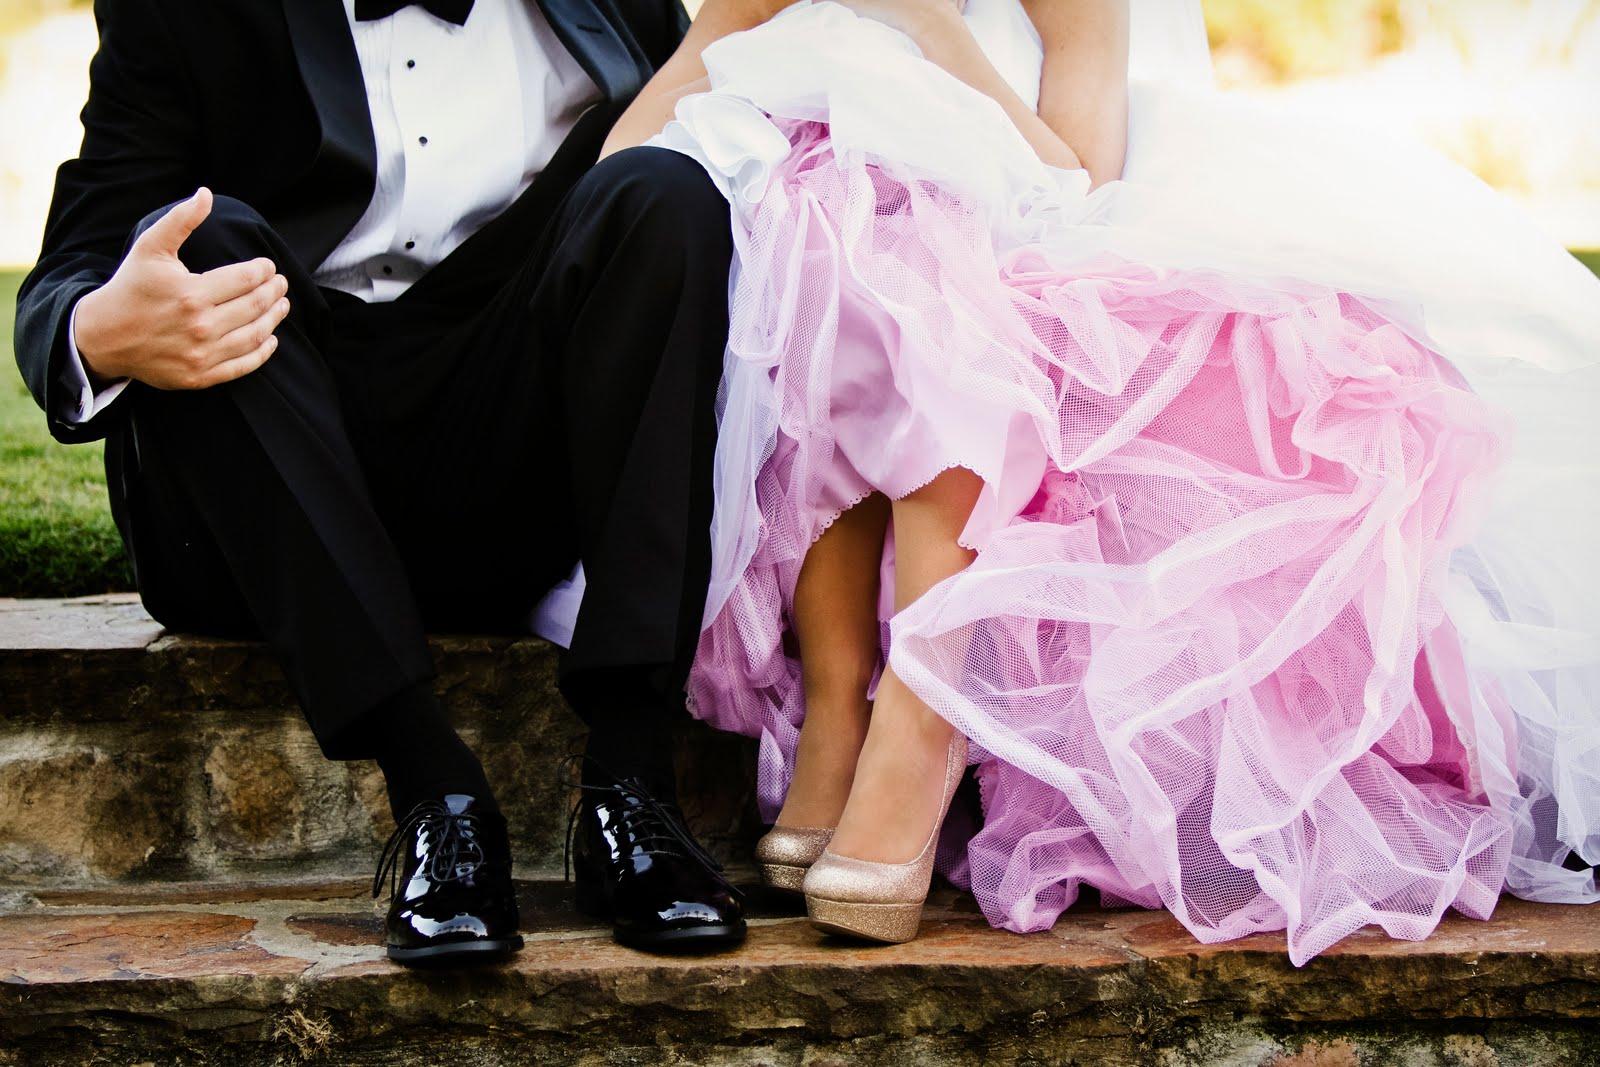 Crinolinas de color para novia - Foro Moda Nupcial - bodas.com.mx